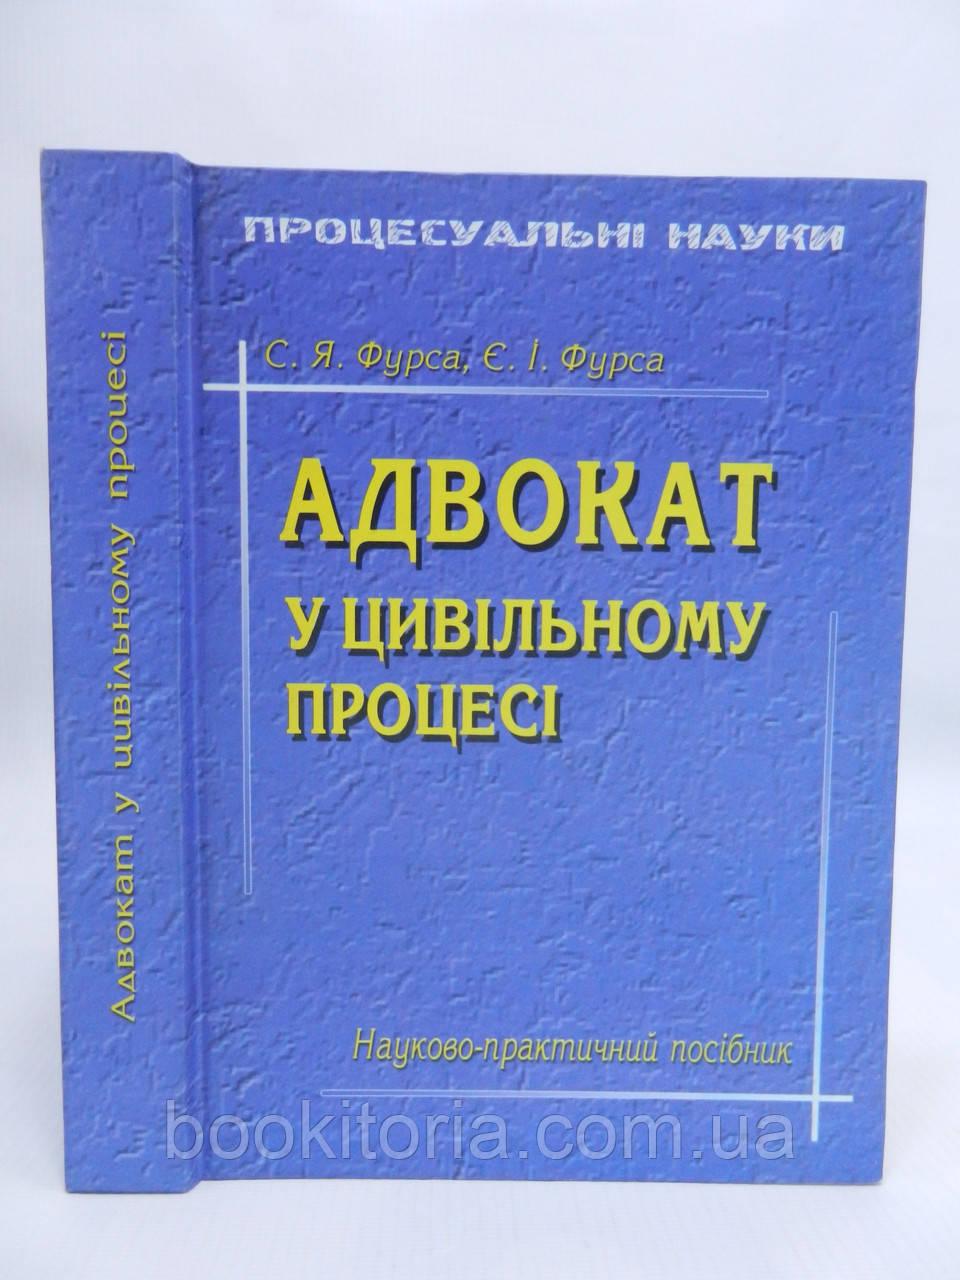 Фурса С.Я., Фурса Є.І. Адвокат у цивільному процесі. Науково-практичний посібник (б/у).